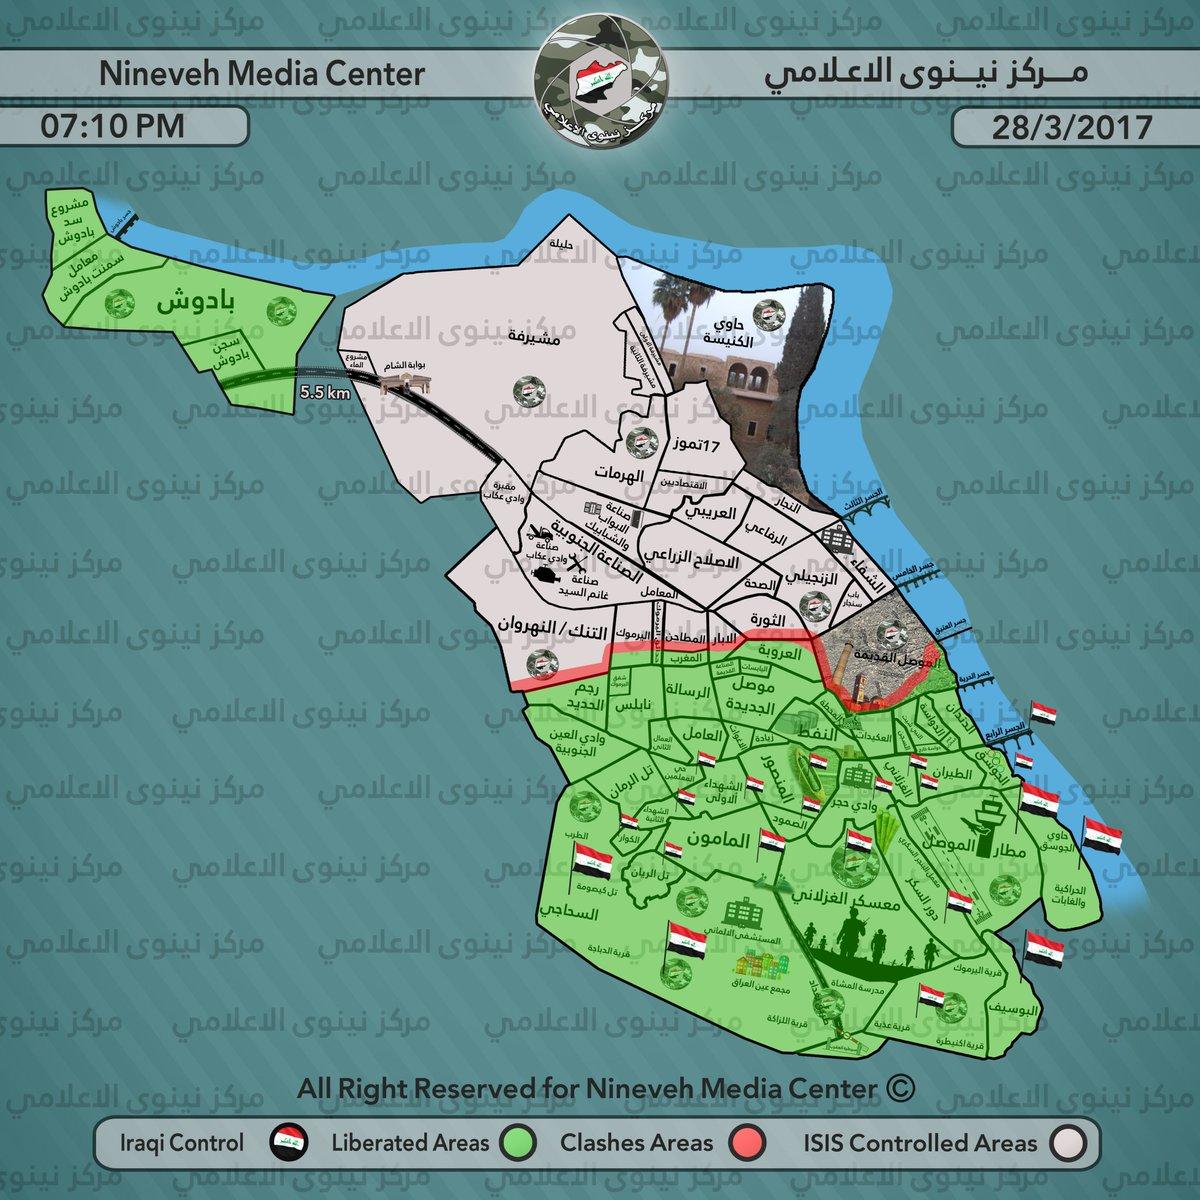 متابعة مستجدات الساحة العراقية - صفحة 29 C8BJsuRX0AQdF8j